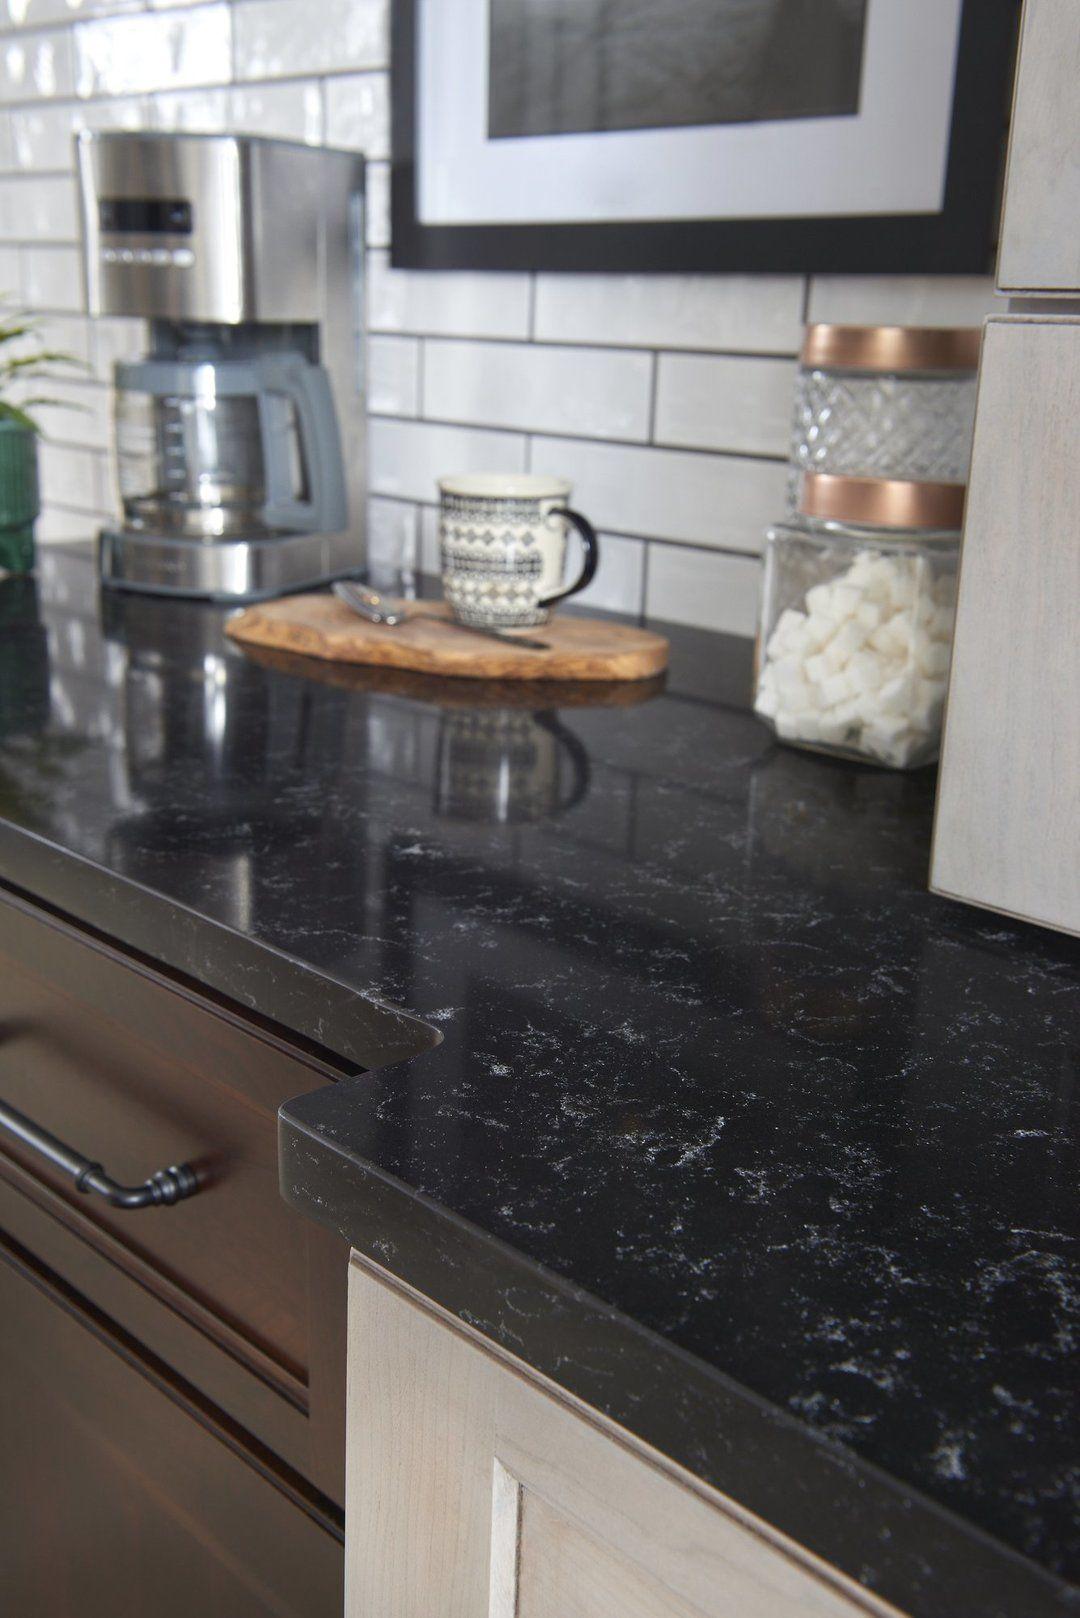 Silhouette Quartz By Hanstone Quartz Quartz Quartzcountertops Kitchendesigner Kit Quartz Kitchen Countertops Simple Kitchen Remodel Kitchen Remodel Layout